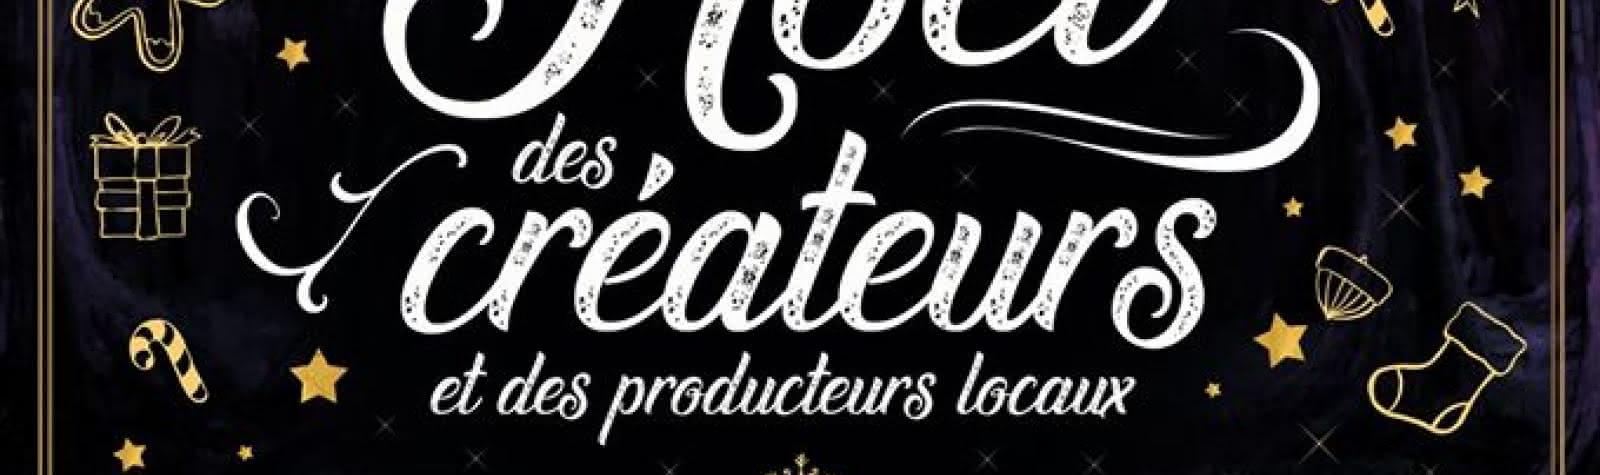 Le Noël des Créateurs et des Producteurs locaux